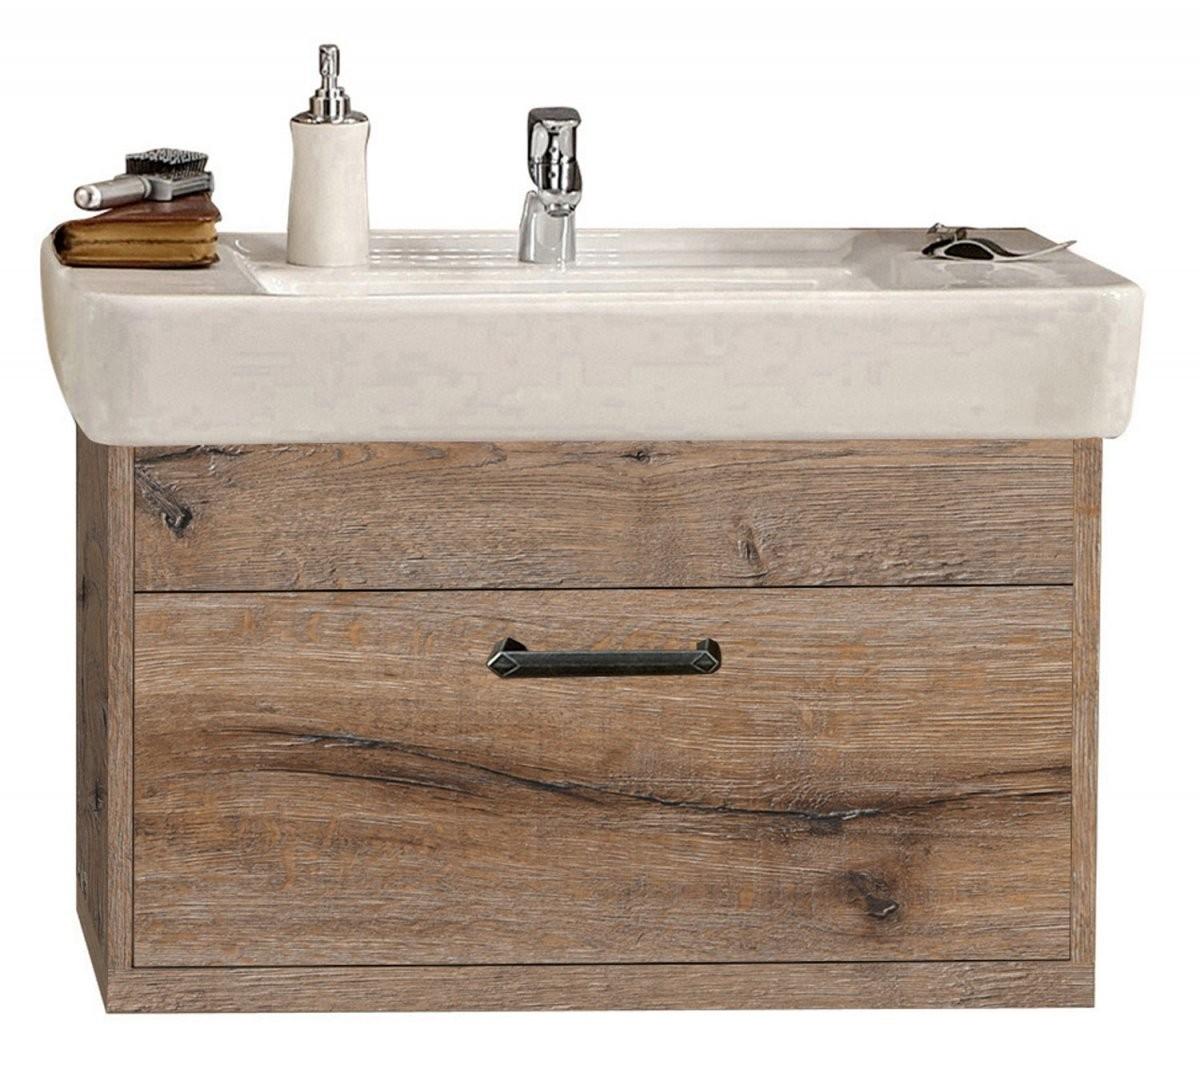 Badmöbel Serie Timbery Waschtischunterschrank Amelie In Schloß von Waschbecken Beige Mit Unterschrank Photo